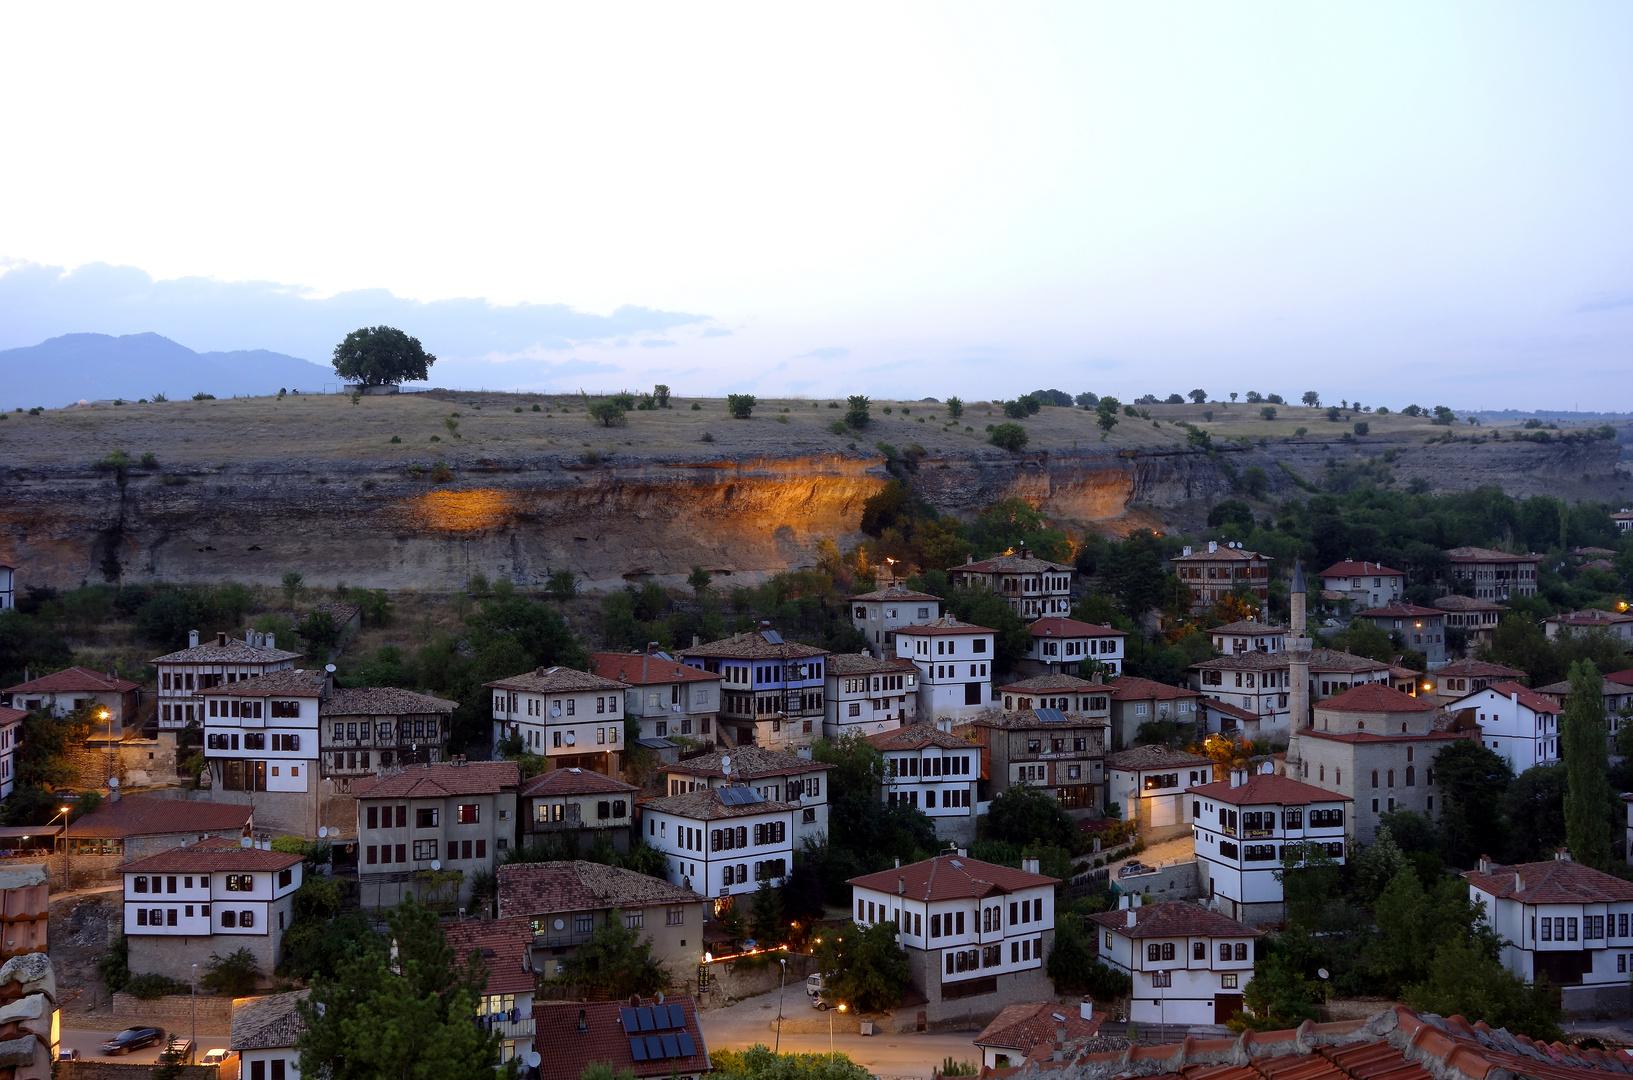 Die Altstadt von Safranbolu unter dem Baum